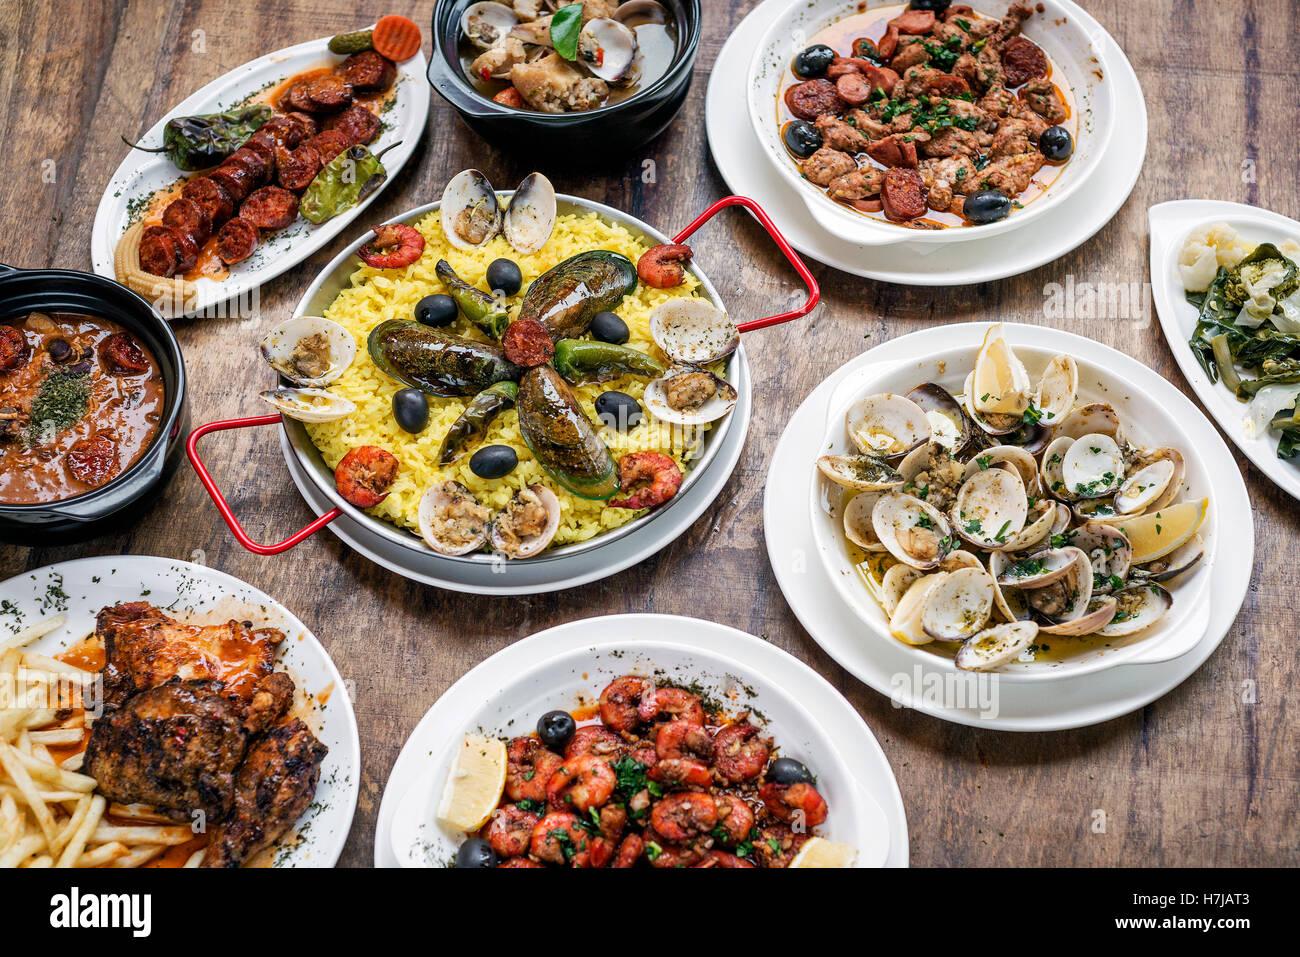 Portoghese misti rustici tradizionali tapas famoso cibo selezione sulla tavola di legno Immagini Stock